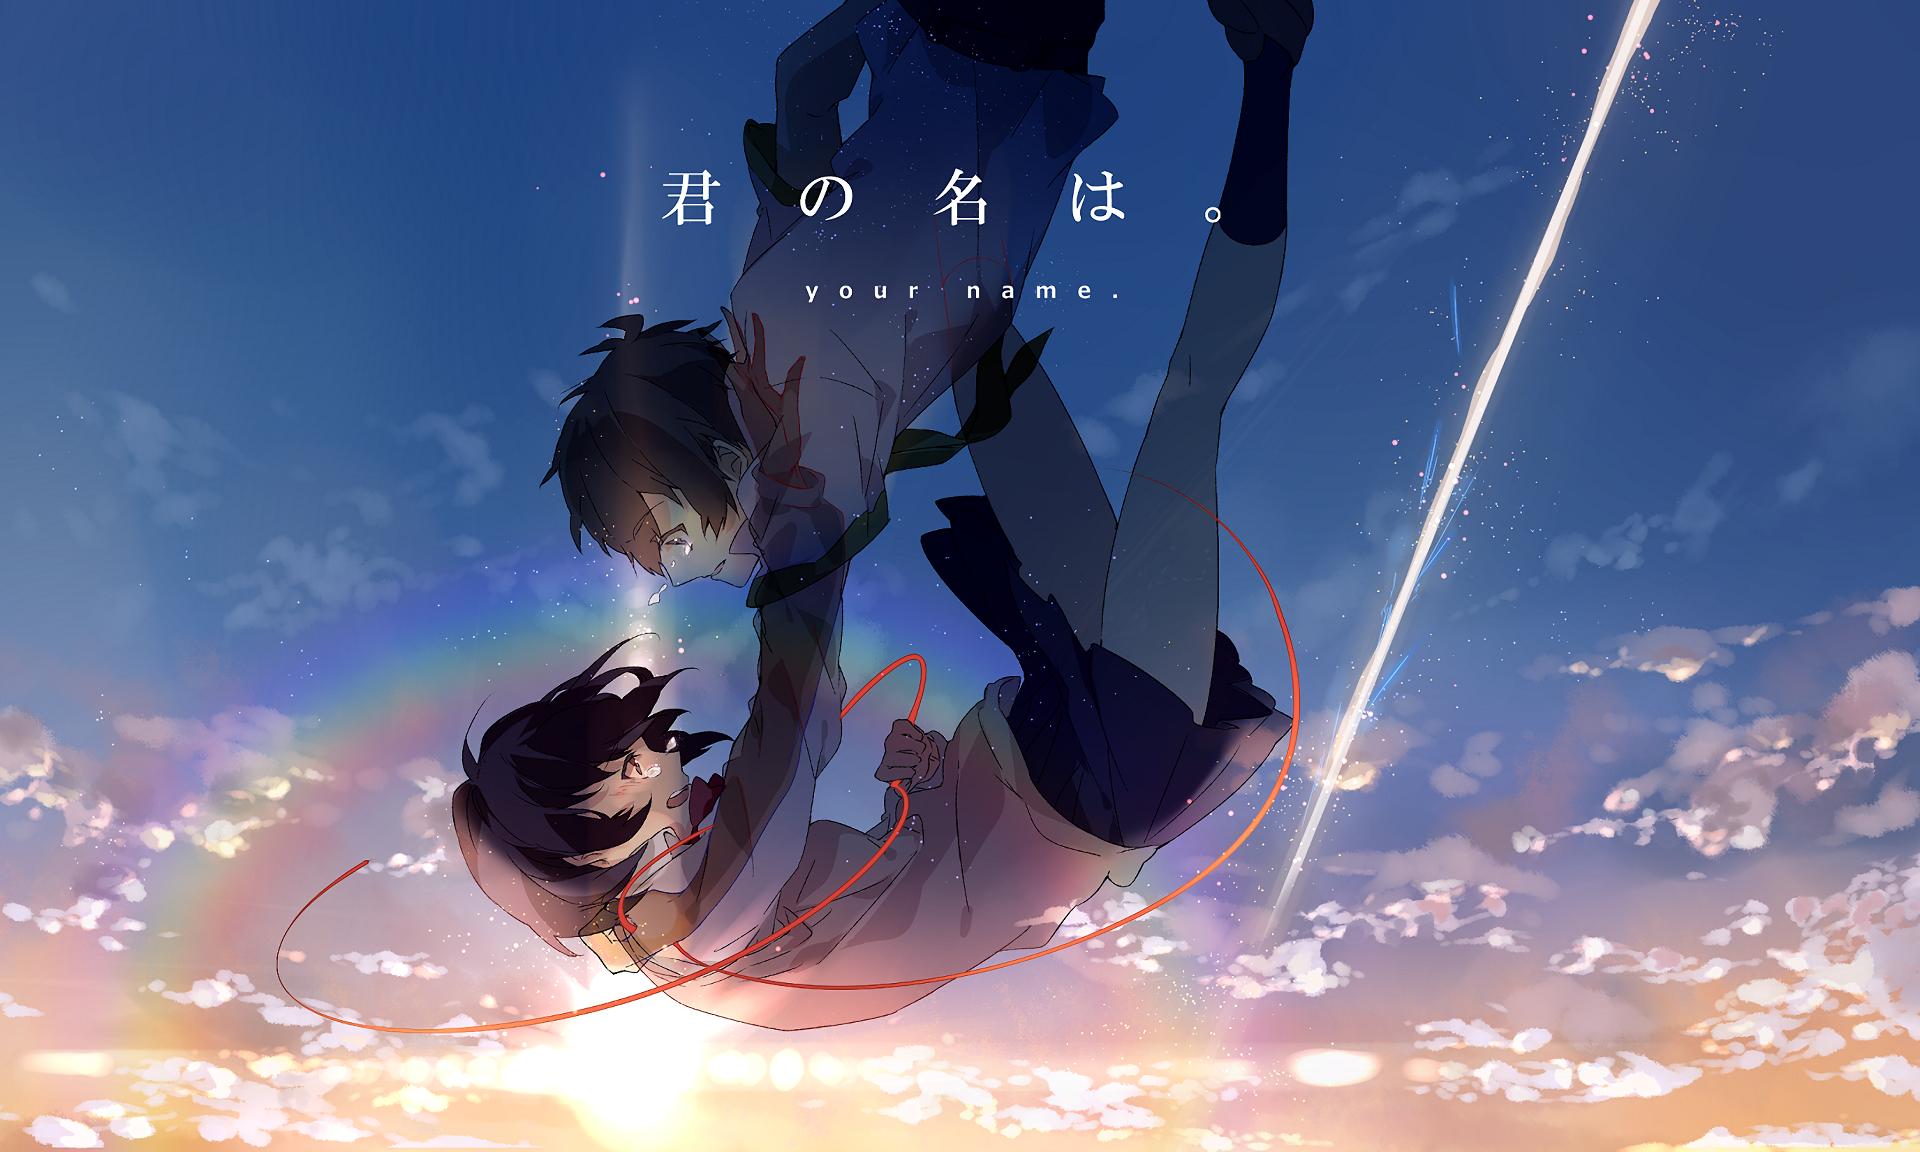 Kimi no na wa (Tu nombre) es una película que salió en 2016 y fue todo un exitazo. Esta pelicula cuenta la historia de Mitsuha y Taki, dos adolescentes que no se conocen de nada, de mundos diferentes (uno vive en la capital y otra en el campo) pero que un día se despiertan y se encuentran en el cuerpo del otro. Al principio es algo que le desconcierta, pero pronto lo asimilan y se ayudan mutuamente. Cuando por fin se acostumbran a los cambios, tras unos meses, repentinamente dejan de cambiarse de lugar. Esto empujará a Taki a buscar a Mitsuha acompañado de sus amigos Miki y Tsutomu, pero irá a ciegas: solo recuerda como era el pueblo y como guía tiene un dibujo del mismo ¿Conseguirá Taki encontrar a Mitsuha?